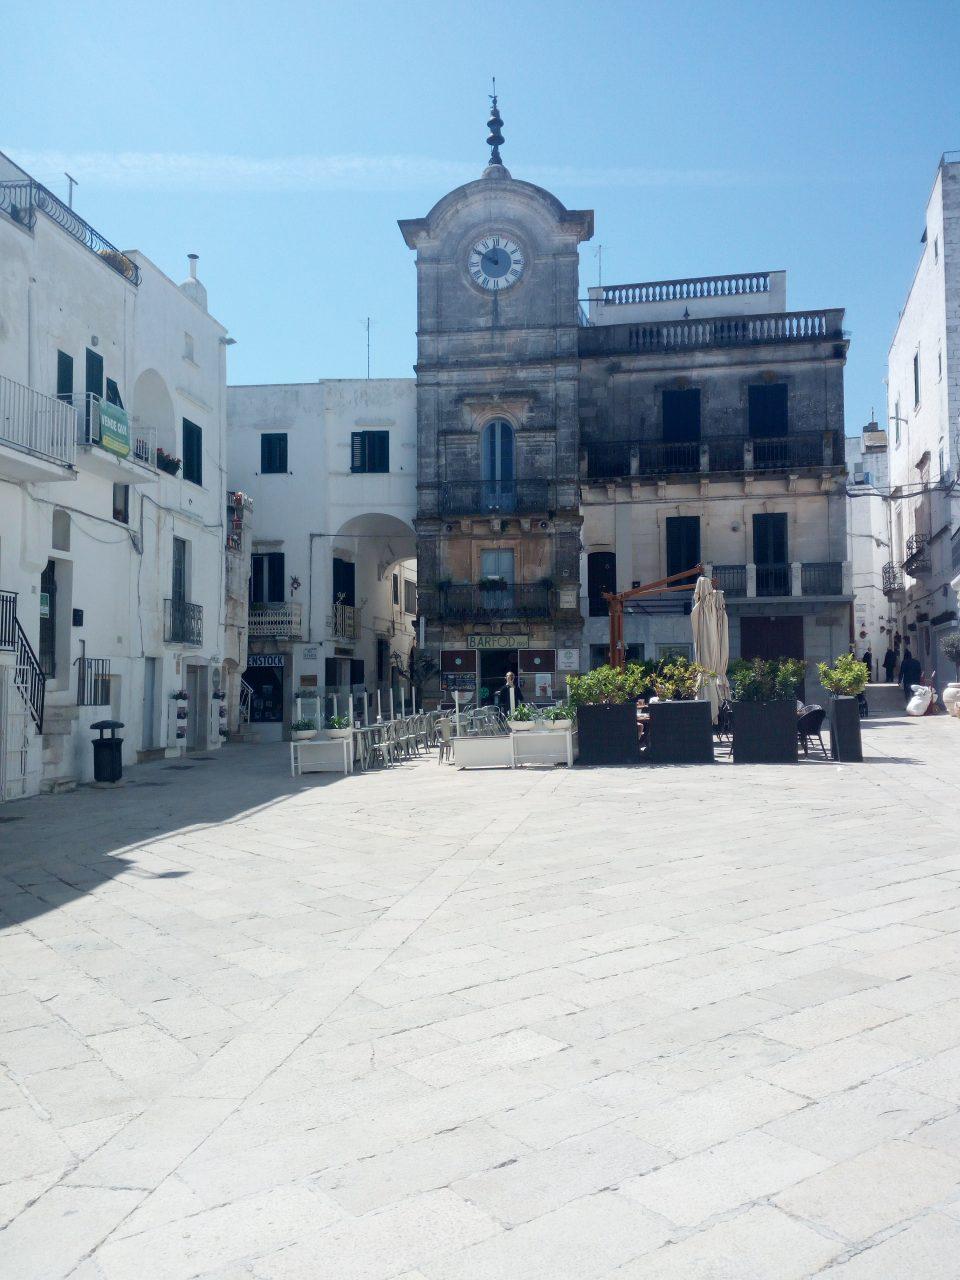 Piazza dell'orologio, Cisternino  @posh_backpackers